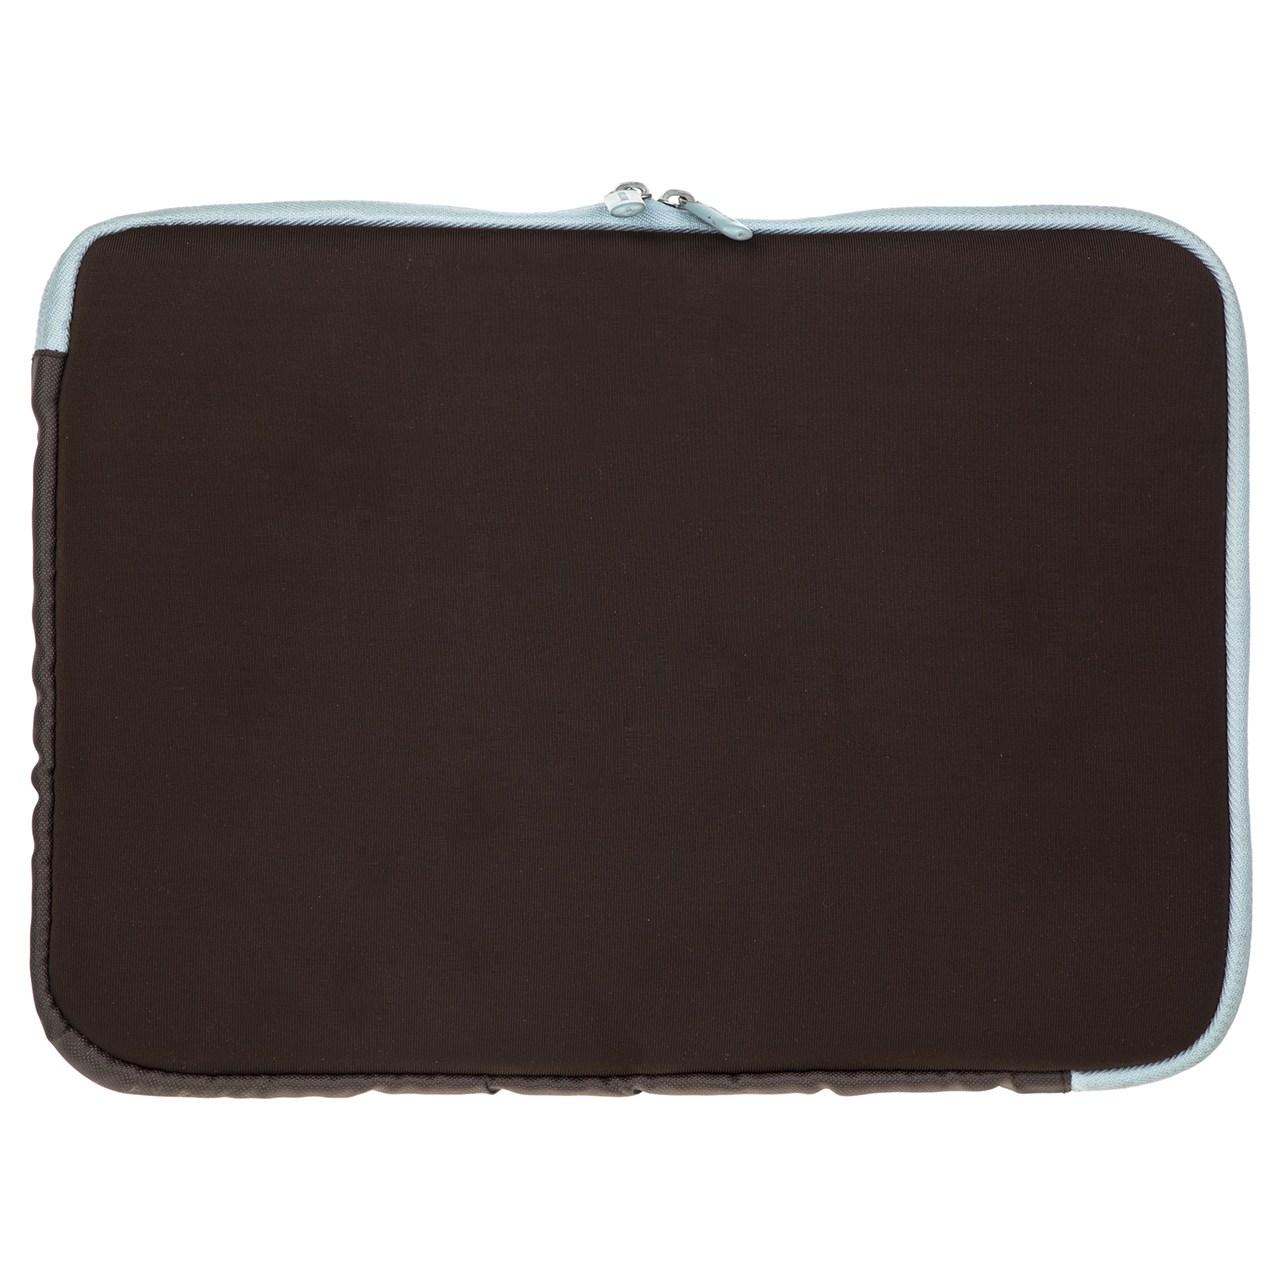 کاور لپ تاپ بلکین مدل F8N140EA مناسب برای لپ تاپ 10.2 اینچی